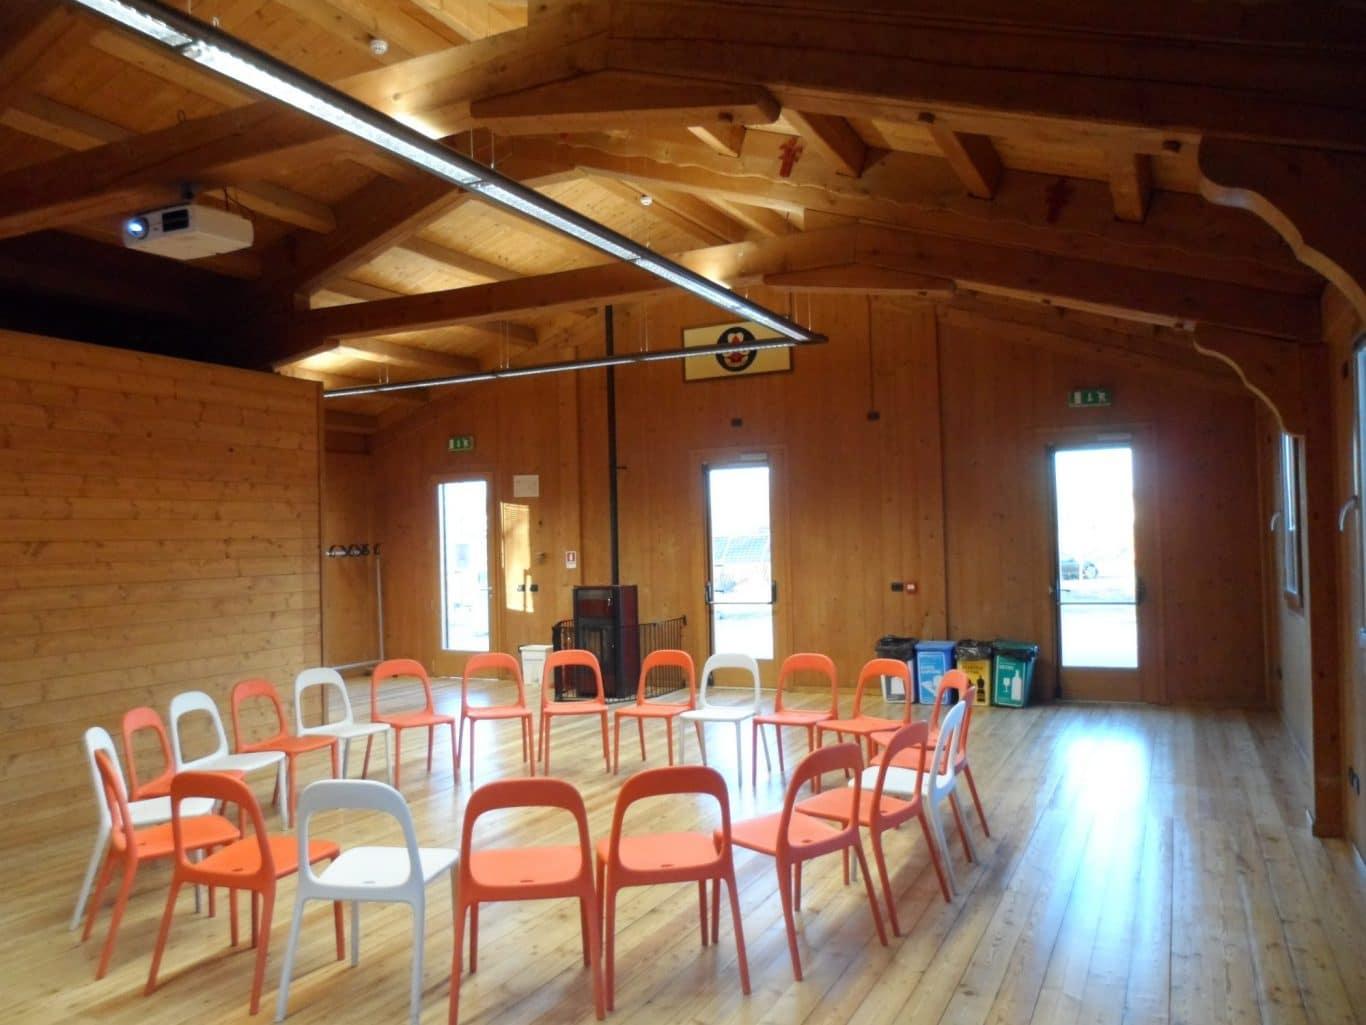 Piccole Sale Per Feste : Location per feste private in provincia di padova area events